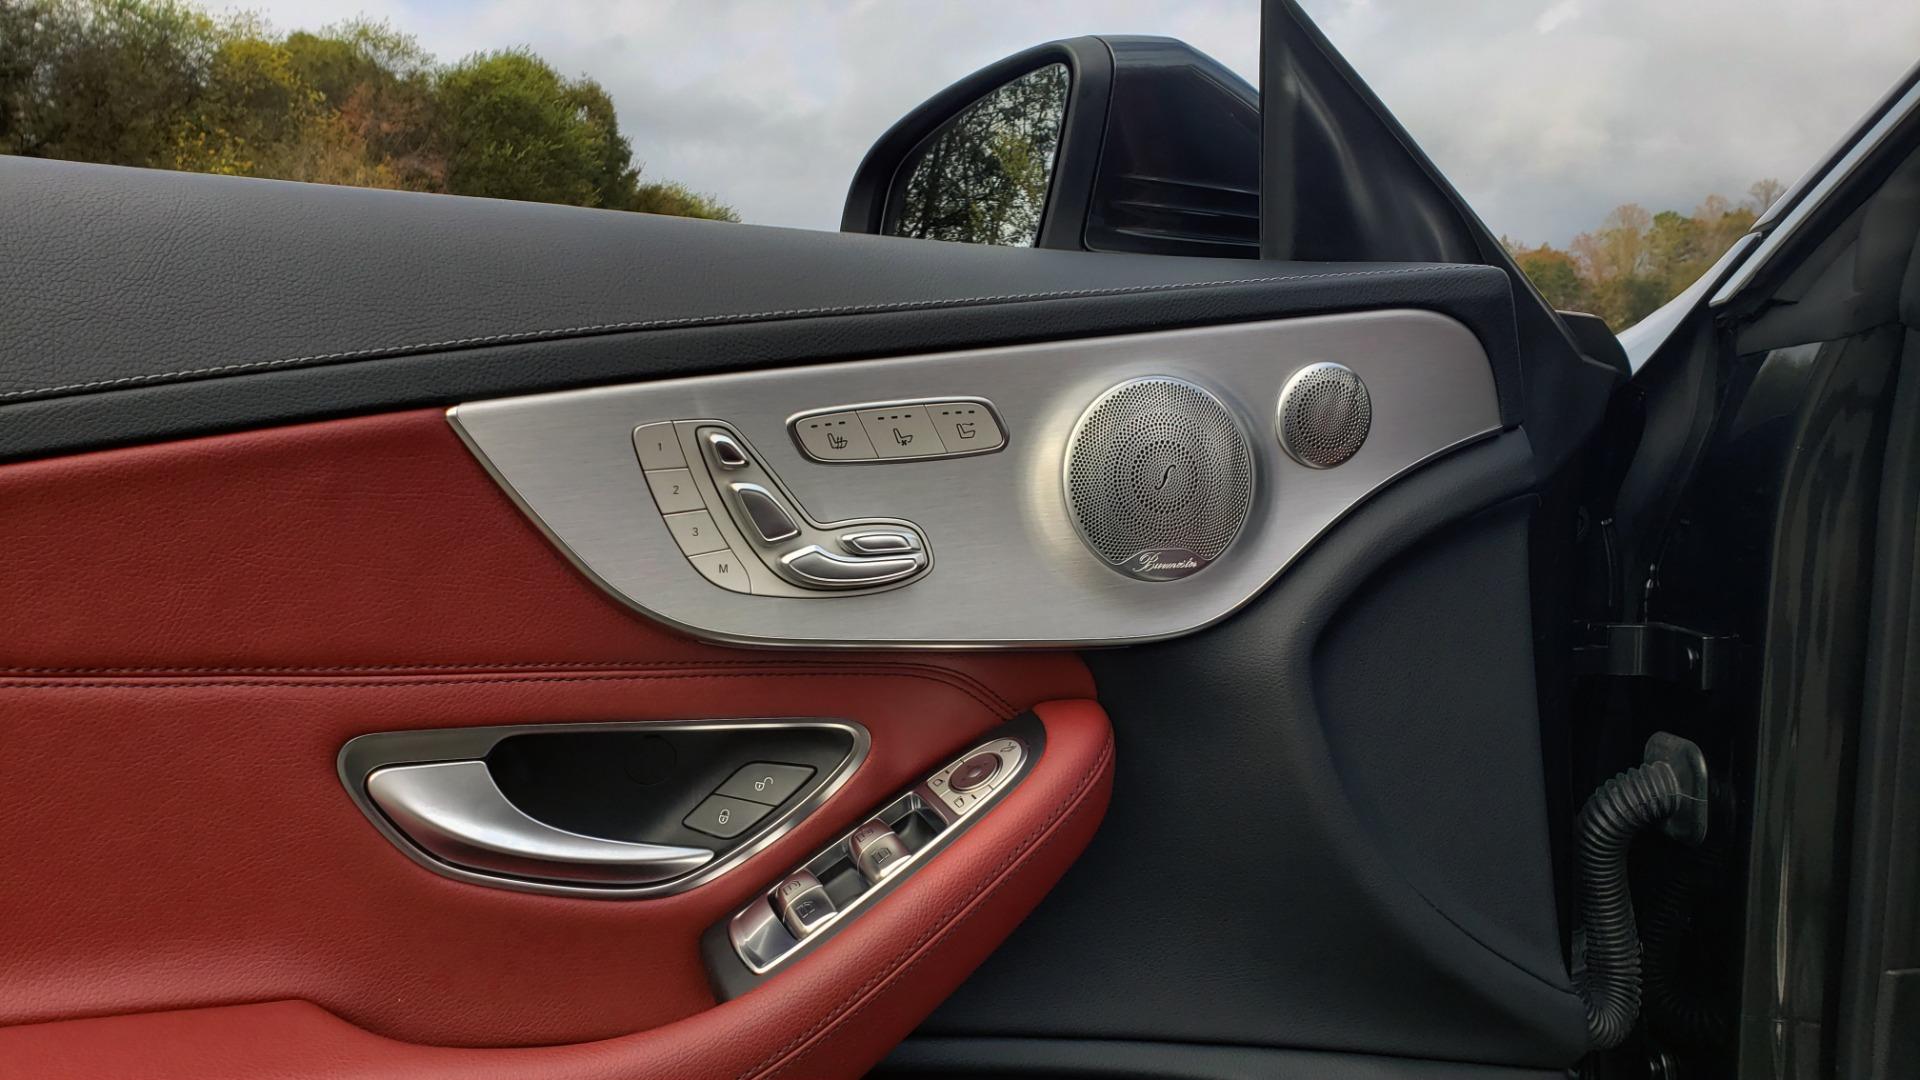 Used 2019 Mercedes-Benz C-CLASS C 300 CABRIOLET / PREM PKG / NAV / BURMESTER / MULTIMEDIA for sale Sold at Formula Imports in Charlotte NC 28227 29